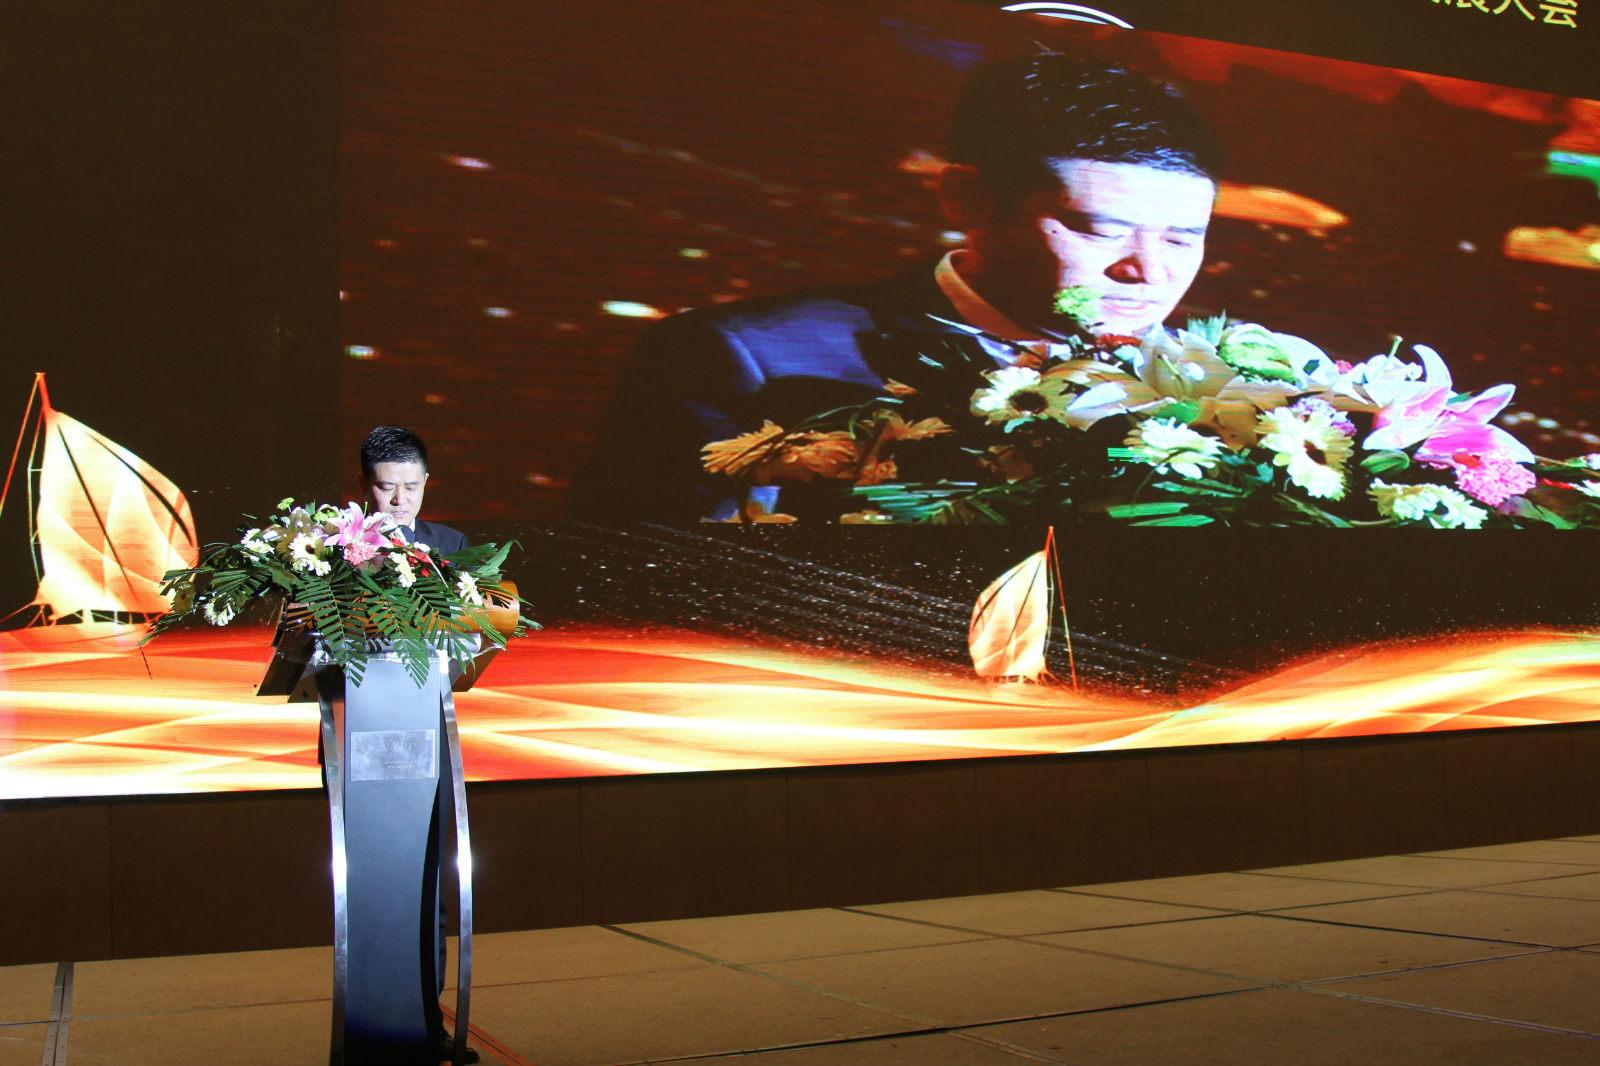 产业之巅 迈向未来 ——第二届互联网+优乐娱乐行业发展大会成功举办